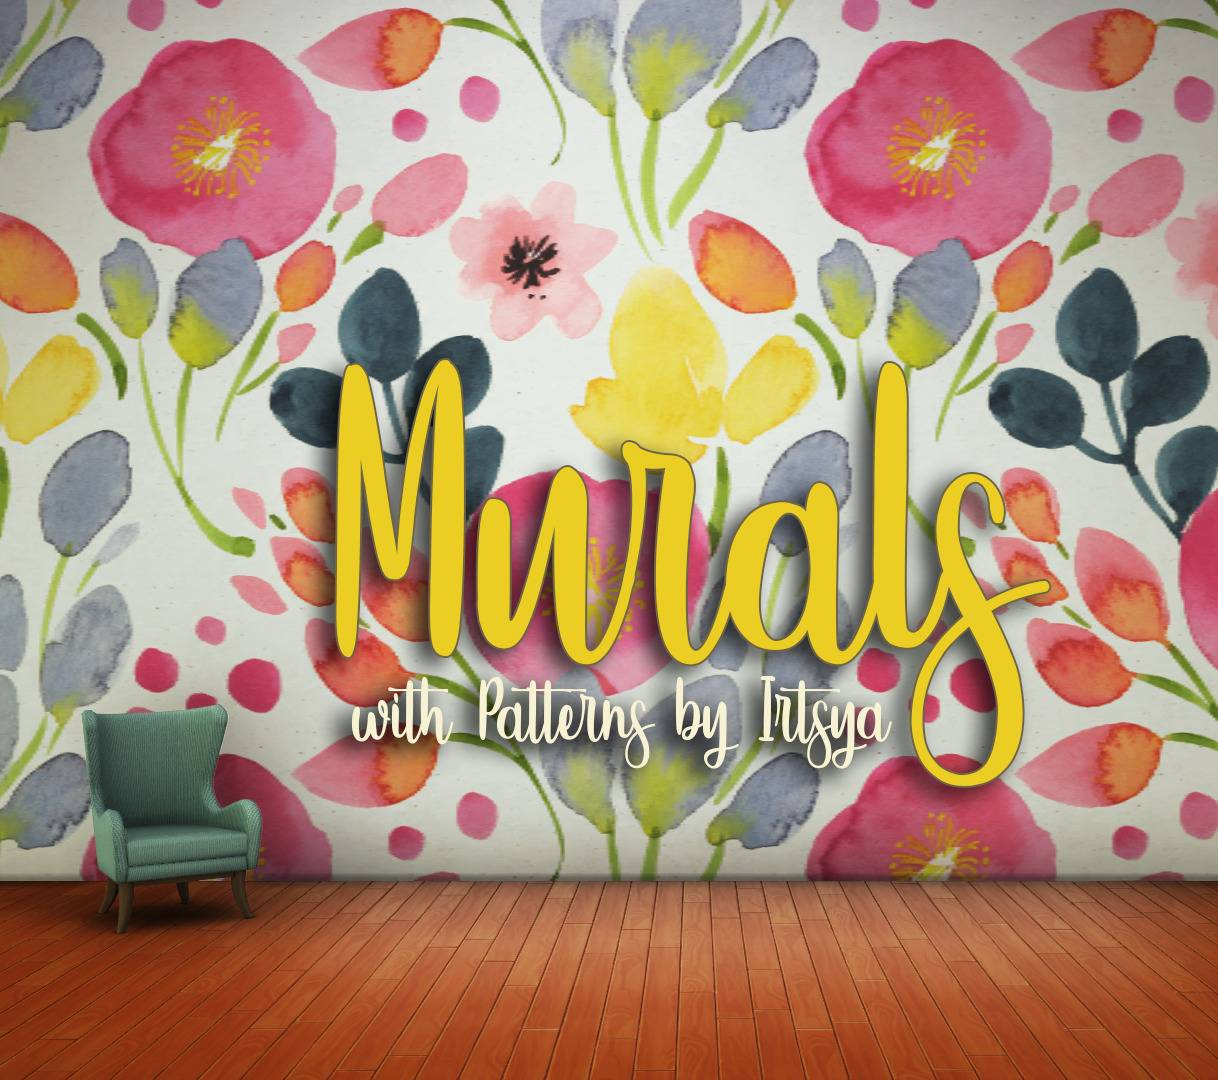 Настенное покрытие - Floral Murals